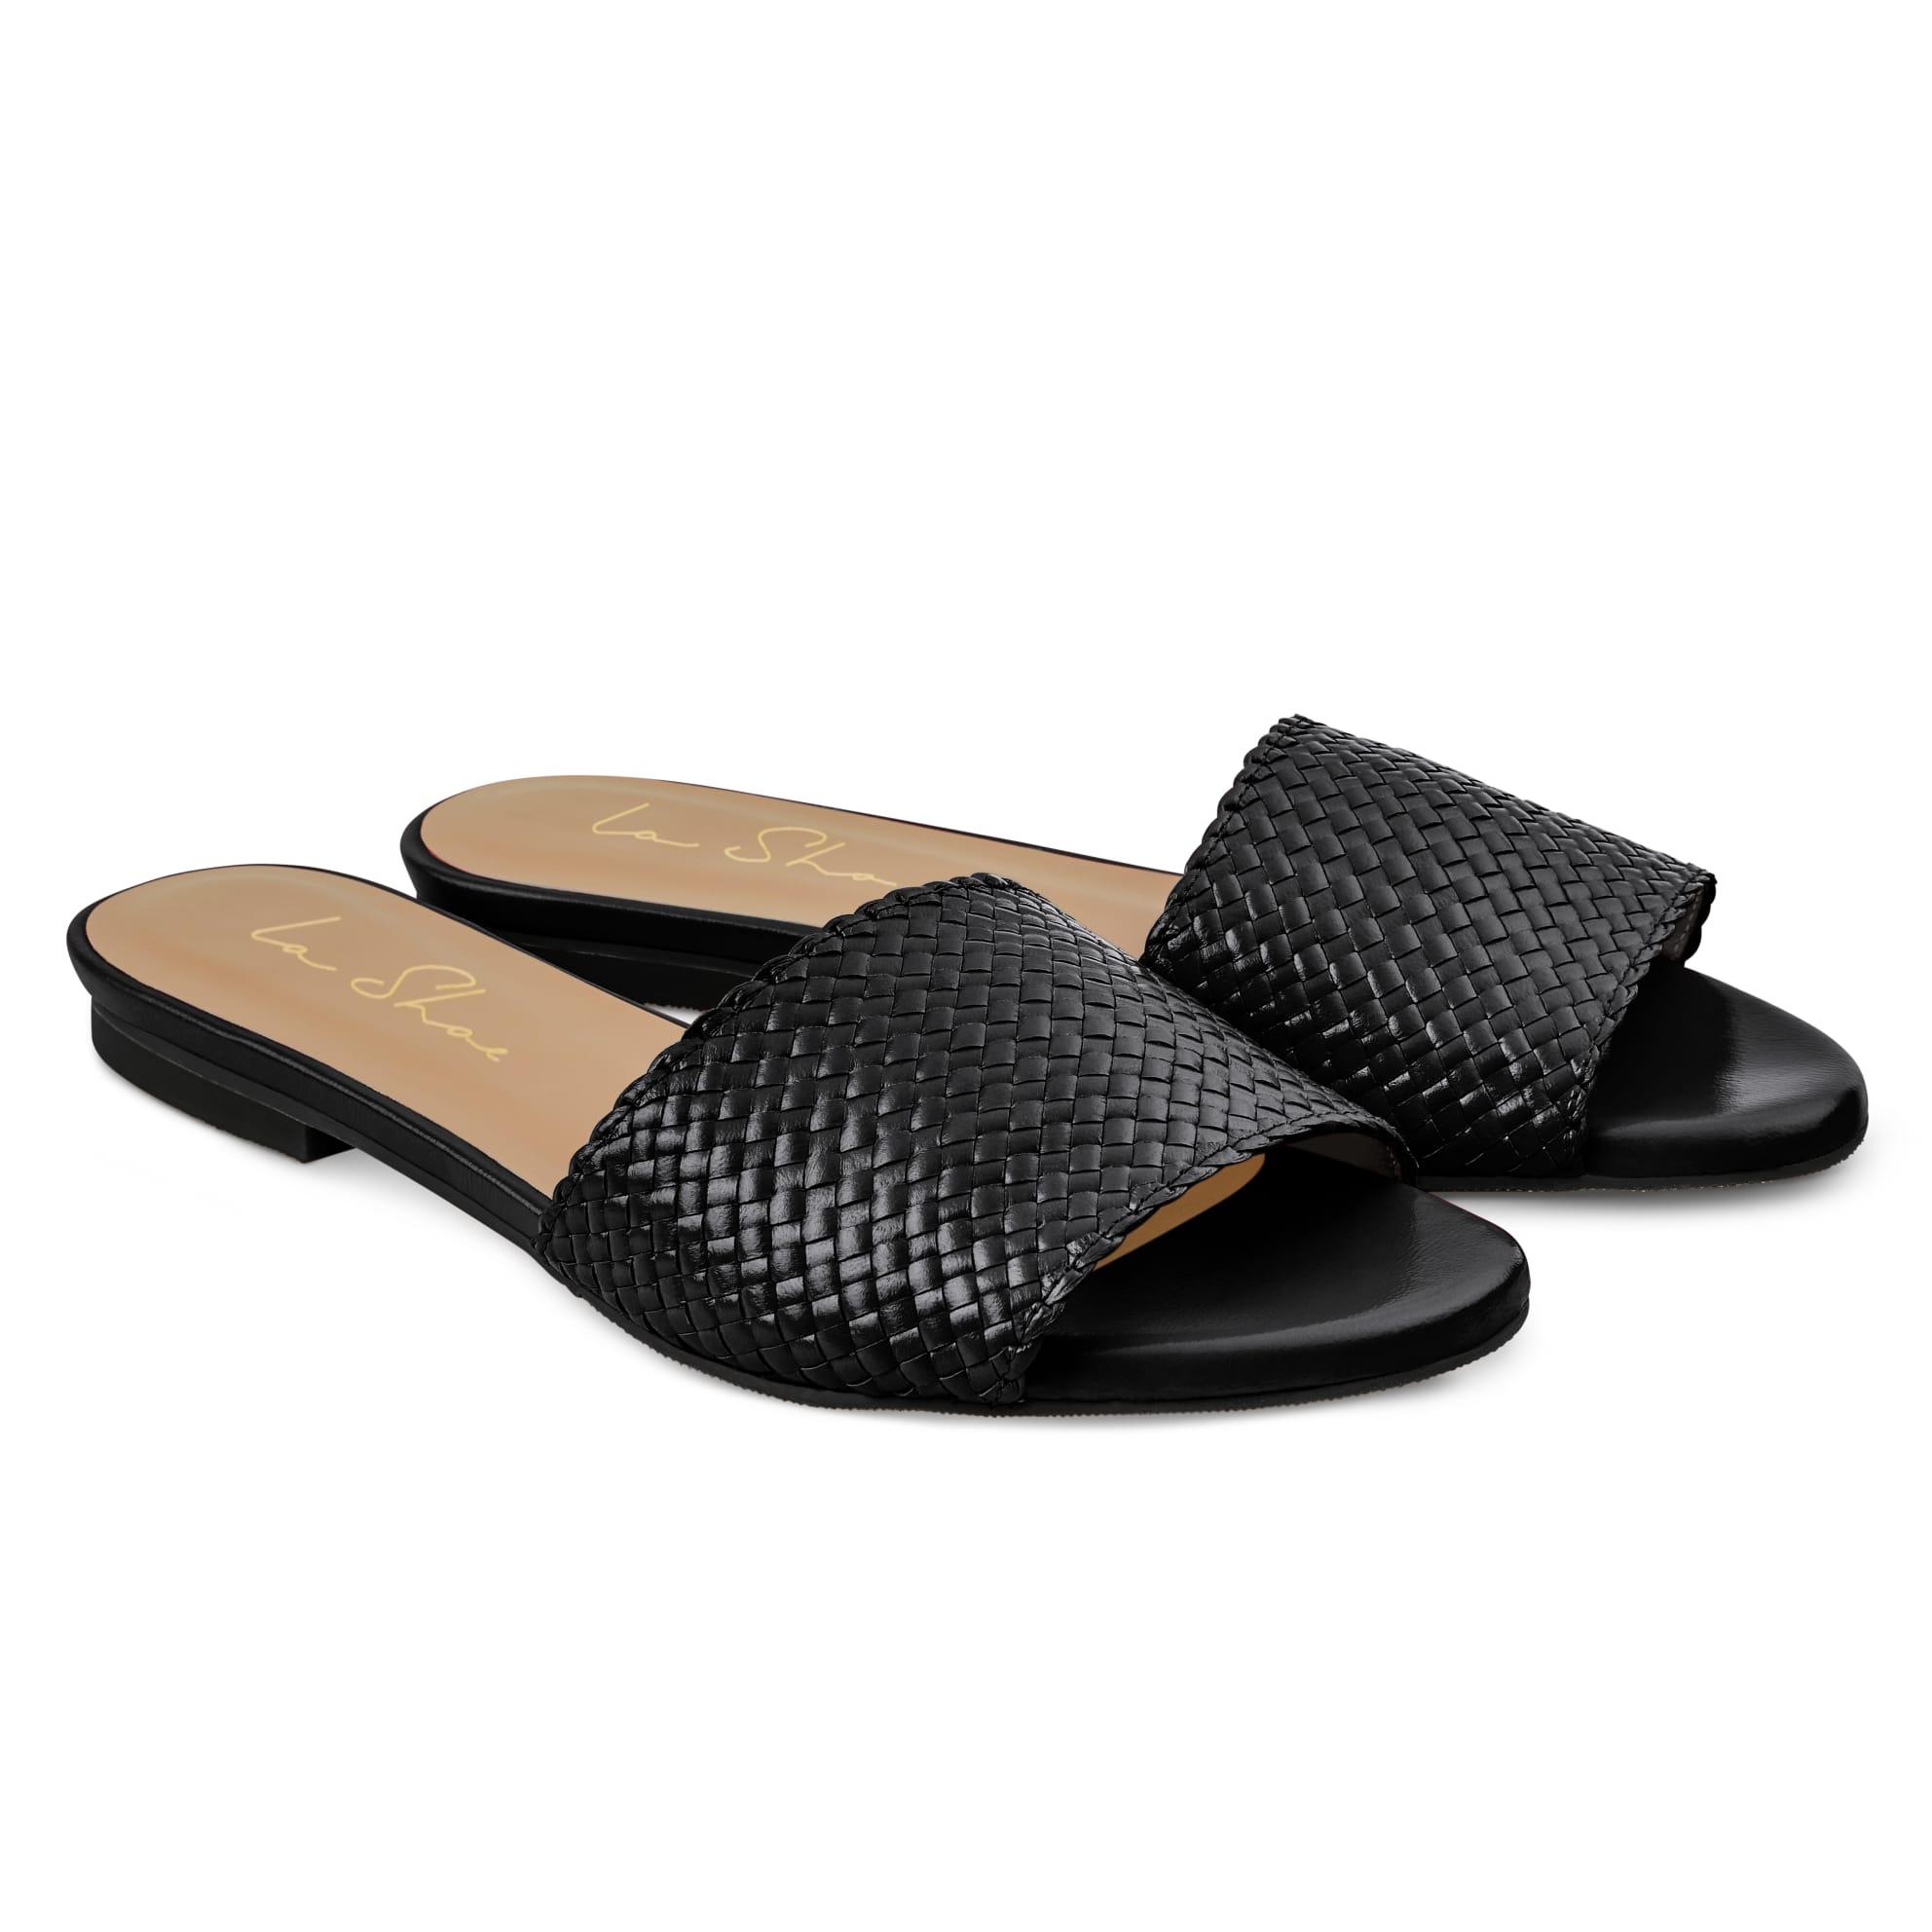 Pantolette mit geflochtenem Riemen Schwarz – modischer und bequemer Schuh für Hallux valgus und empfindliche Füße von LaShoe.de